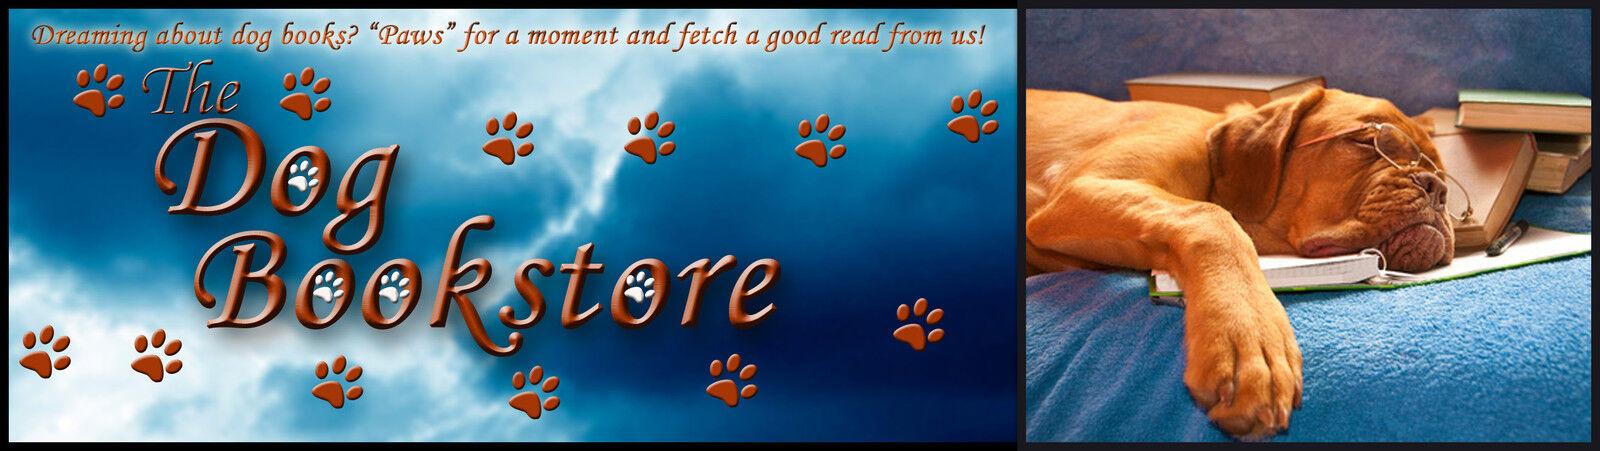 dogbookstore